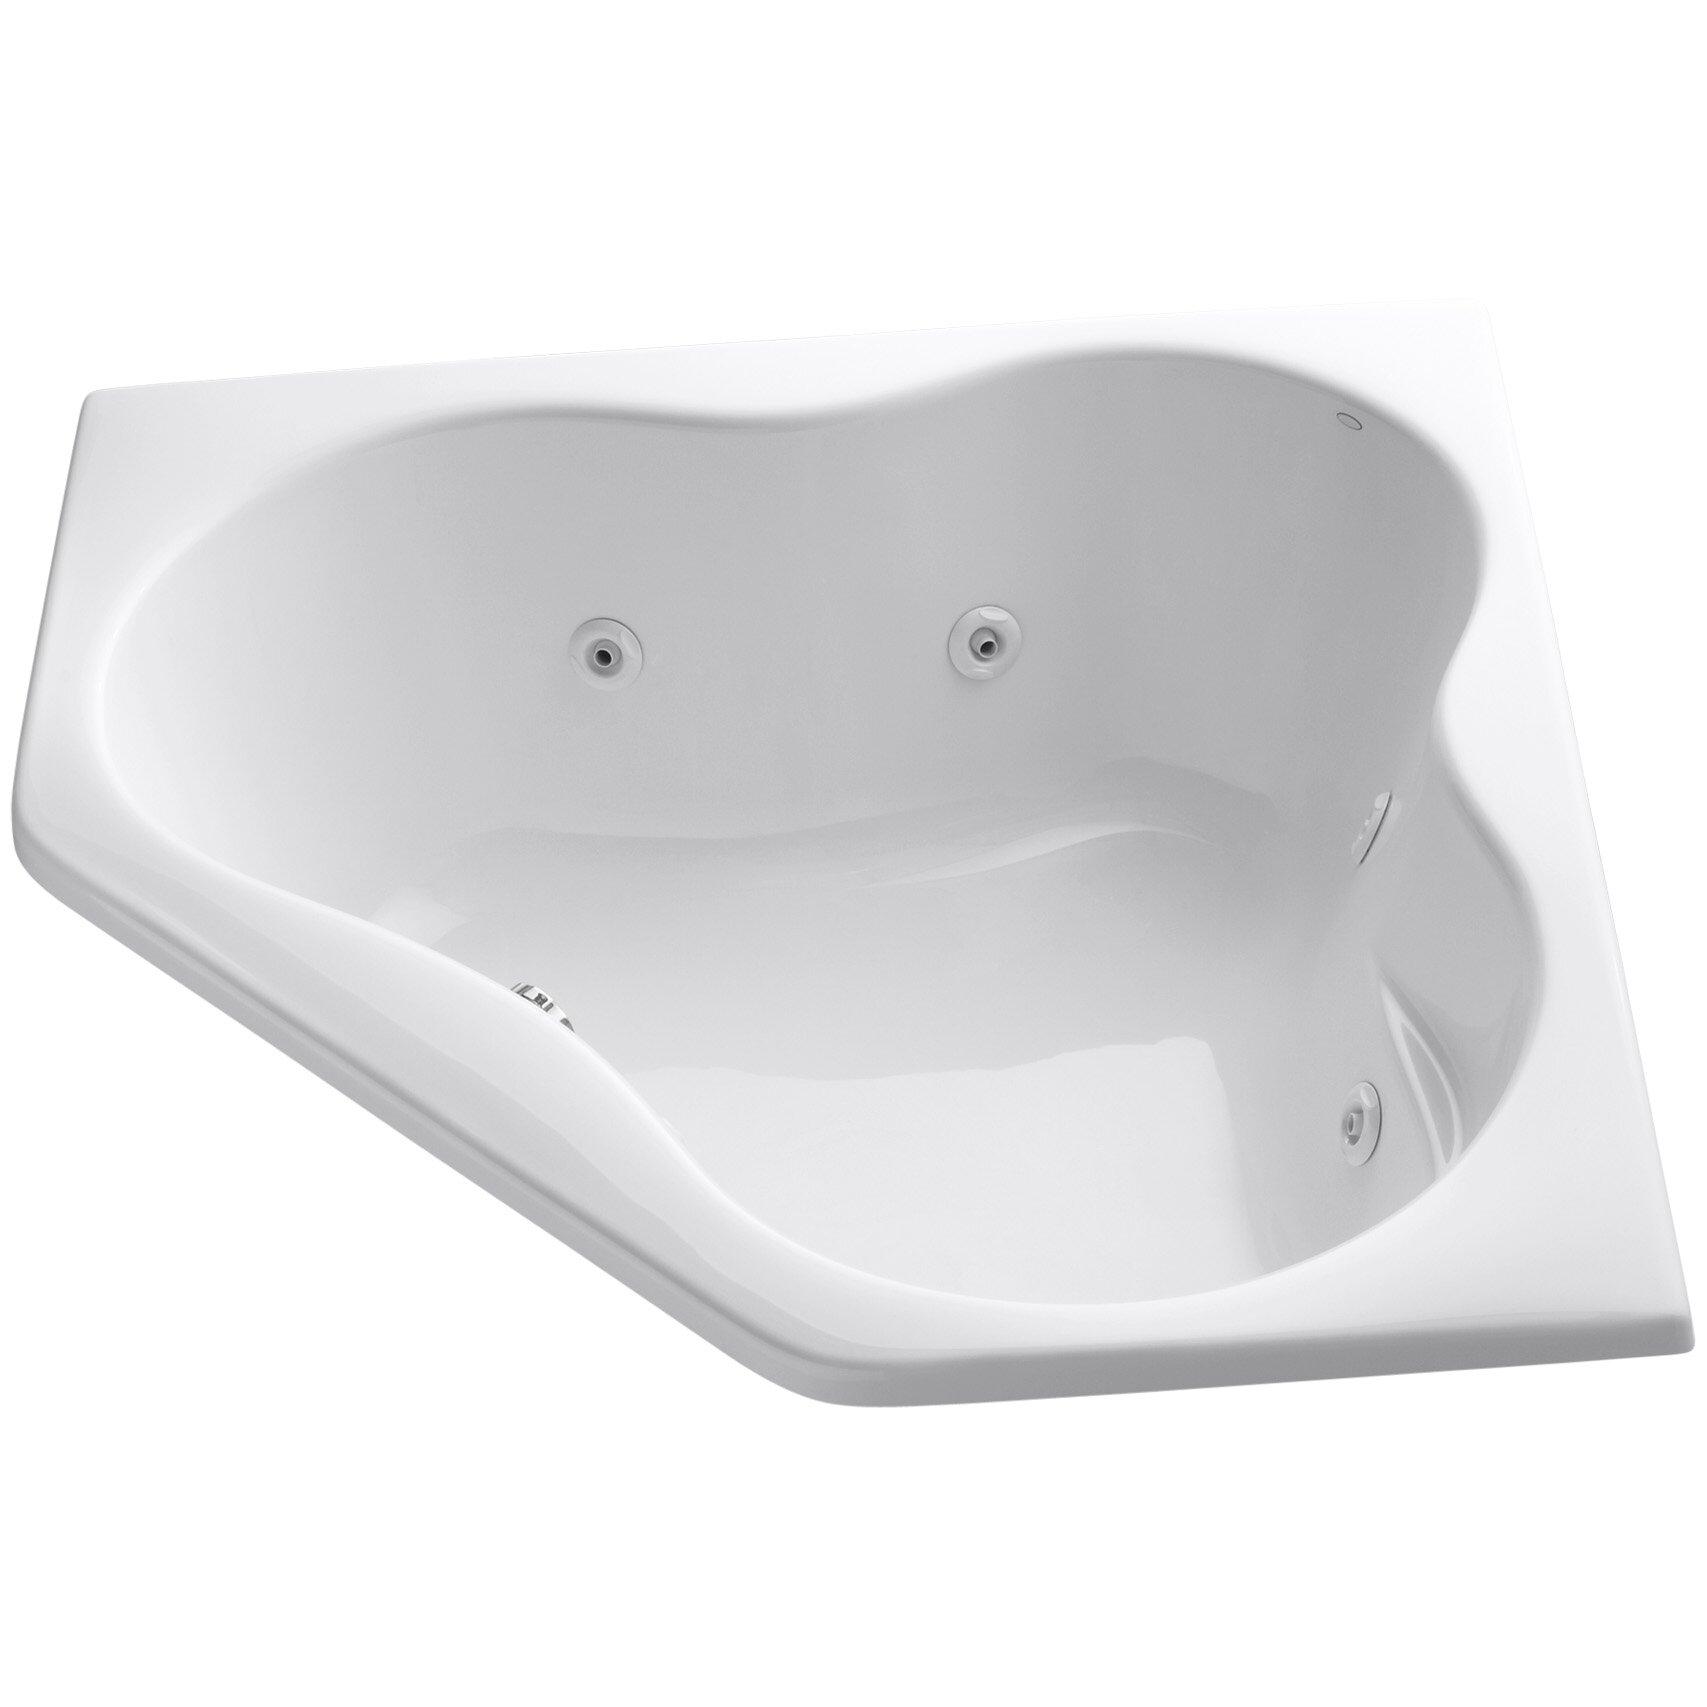 54 Inch Tubs - Cratem.com